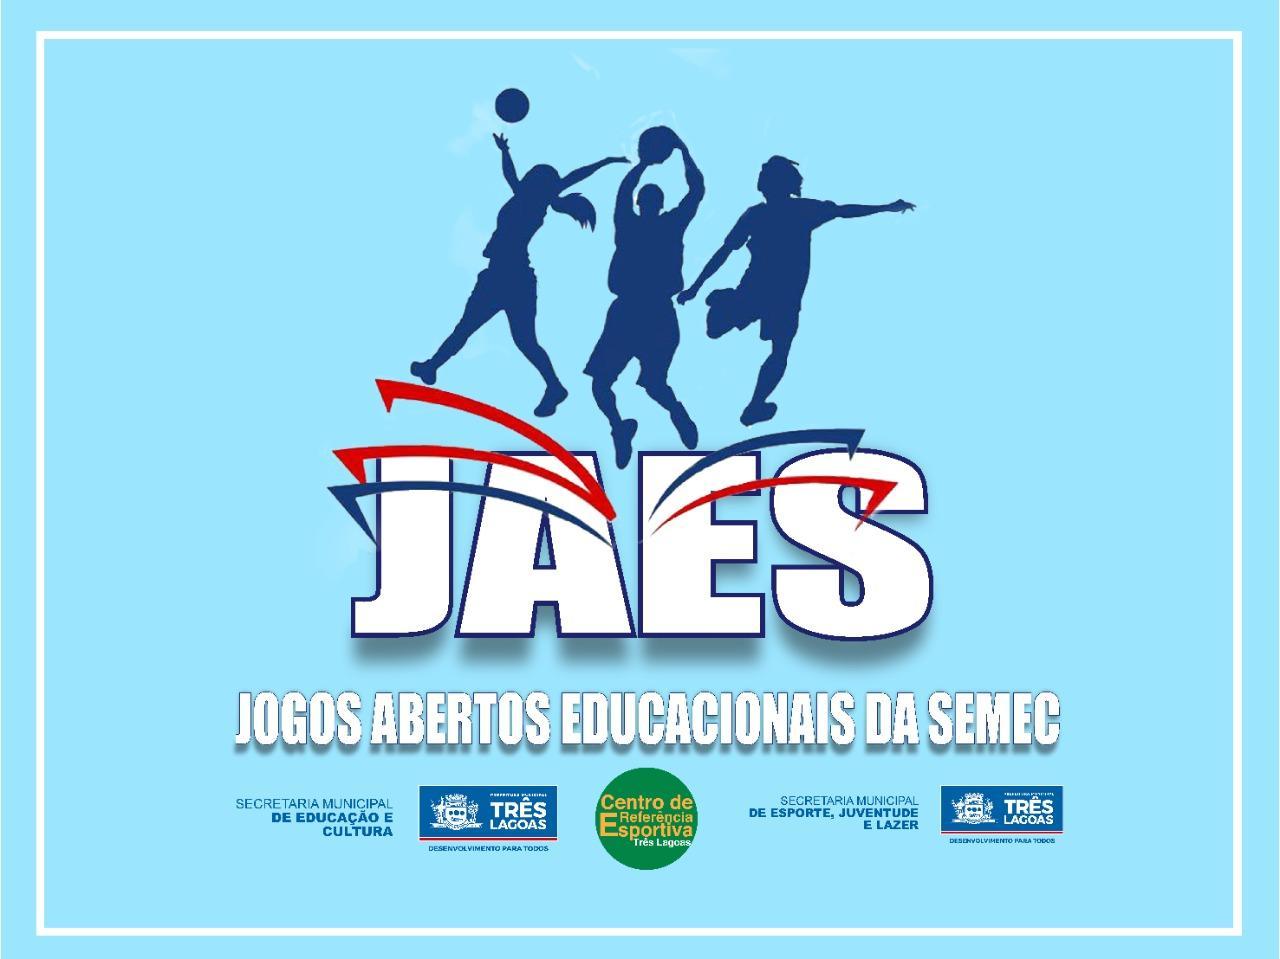 Alunos das Escolas Municipais de Três Lagoas participam no próximo sábado do 3º JAES